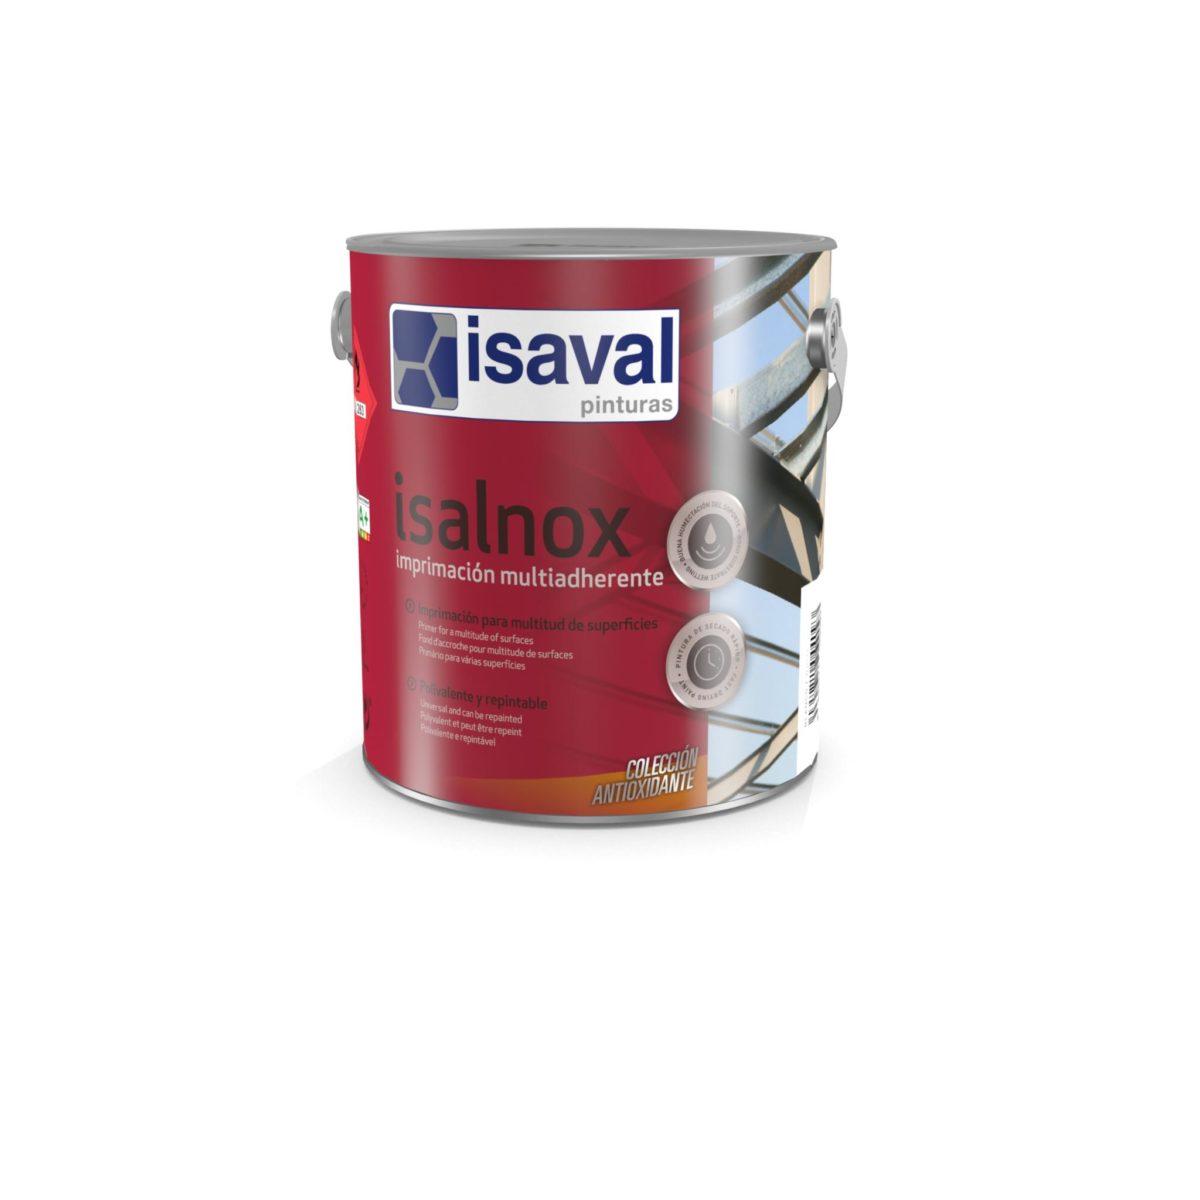 Isalnox Imprimación multiadherente. Imprimación polivalente antioxidante de Pinturas Isaval